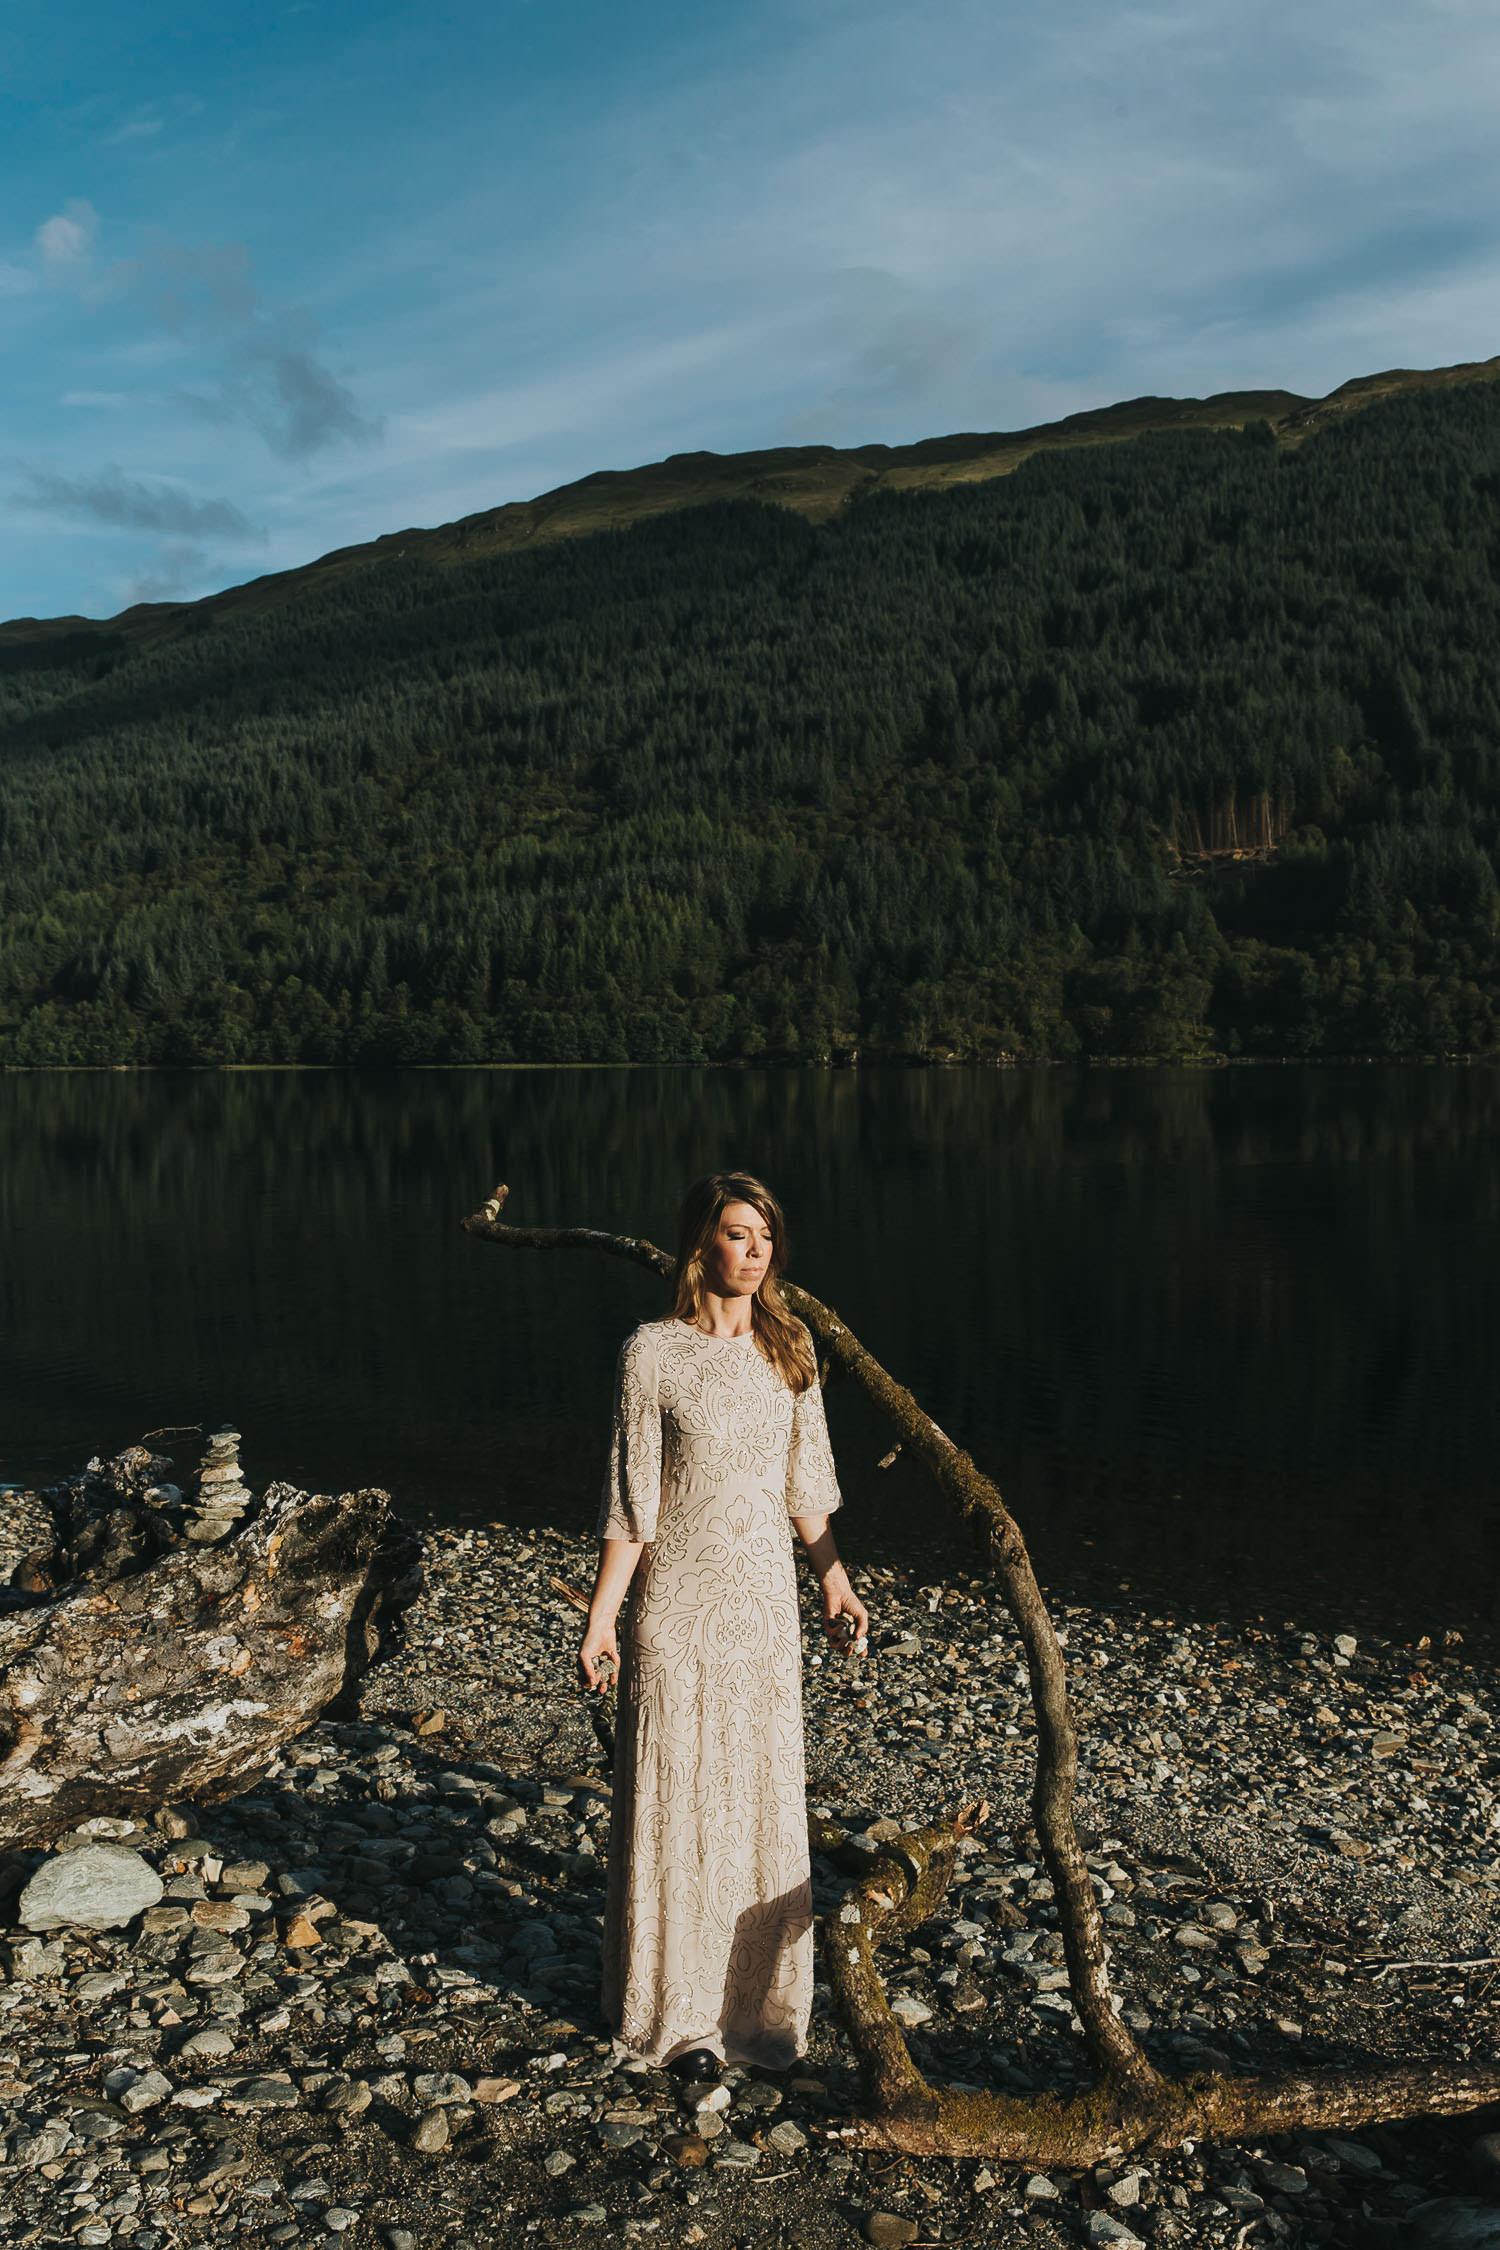 Loch-highland-elopement-wedding-2.jpg